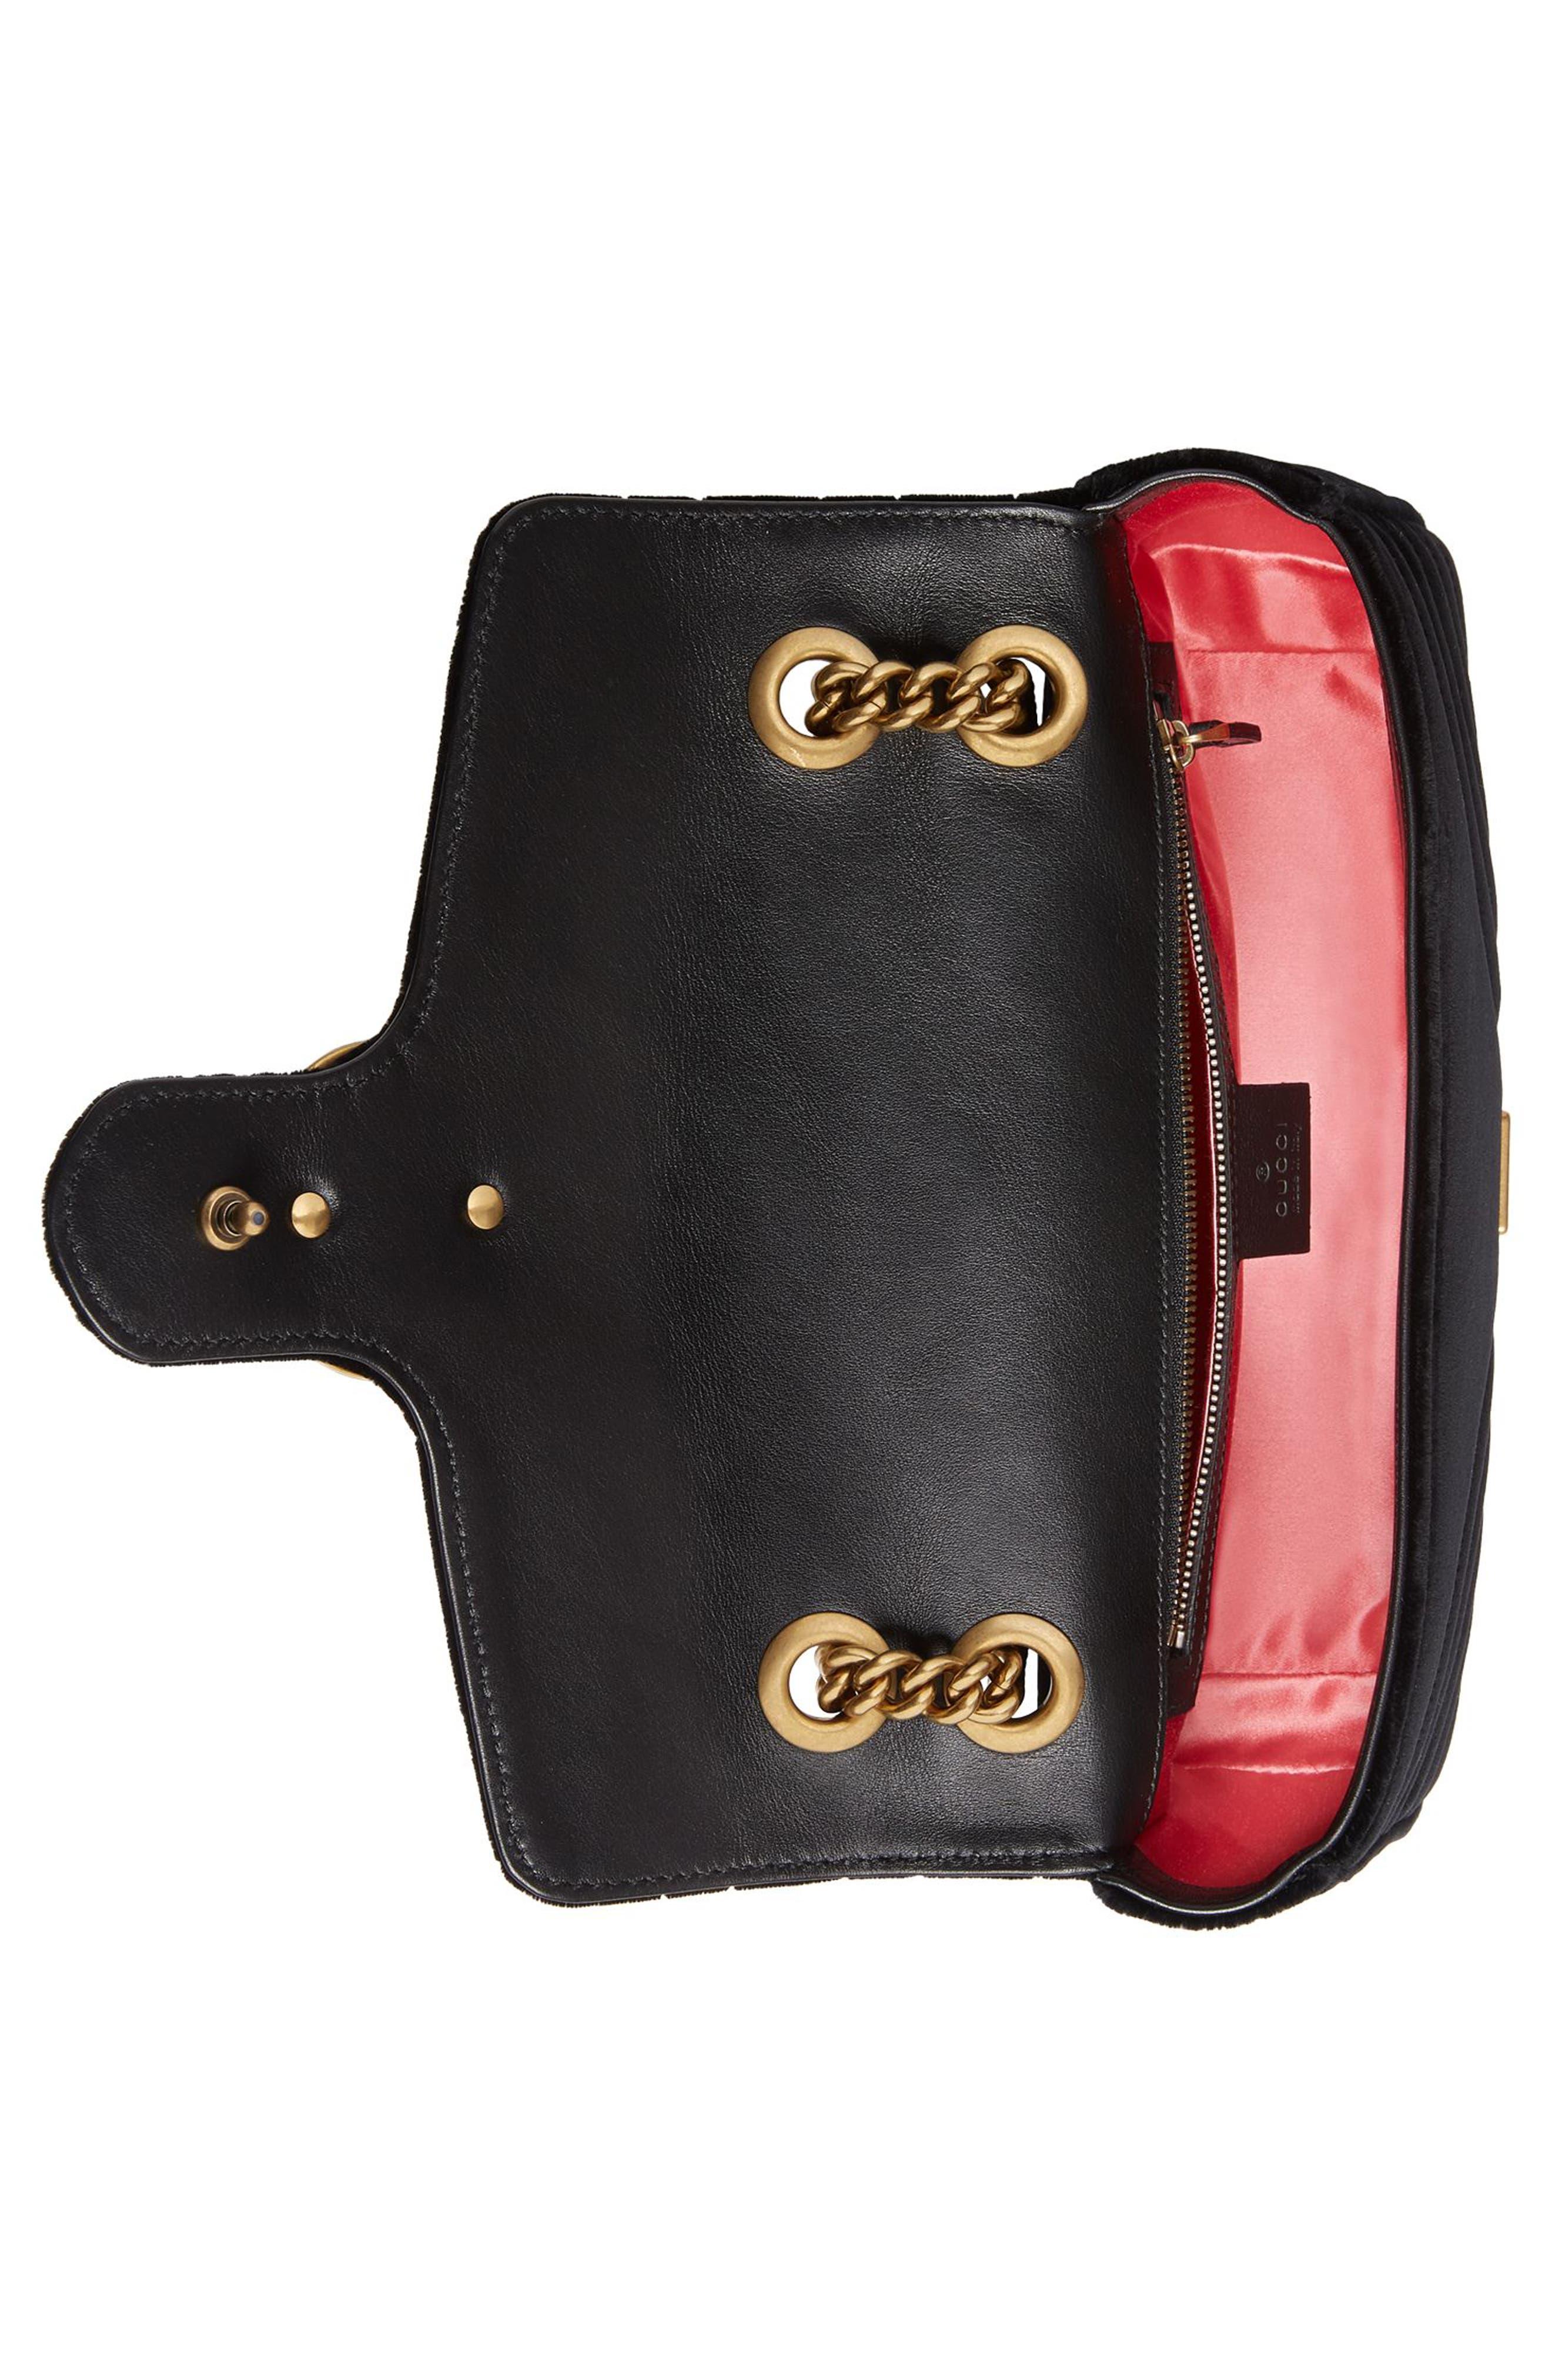 Medium GG Marmont 2.0 Matelassé Velvet Shoulder Bag,                             Alternate thumbnail 3, color,                             NERO